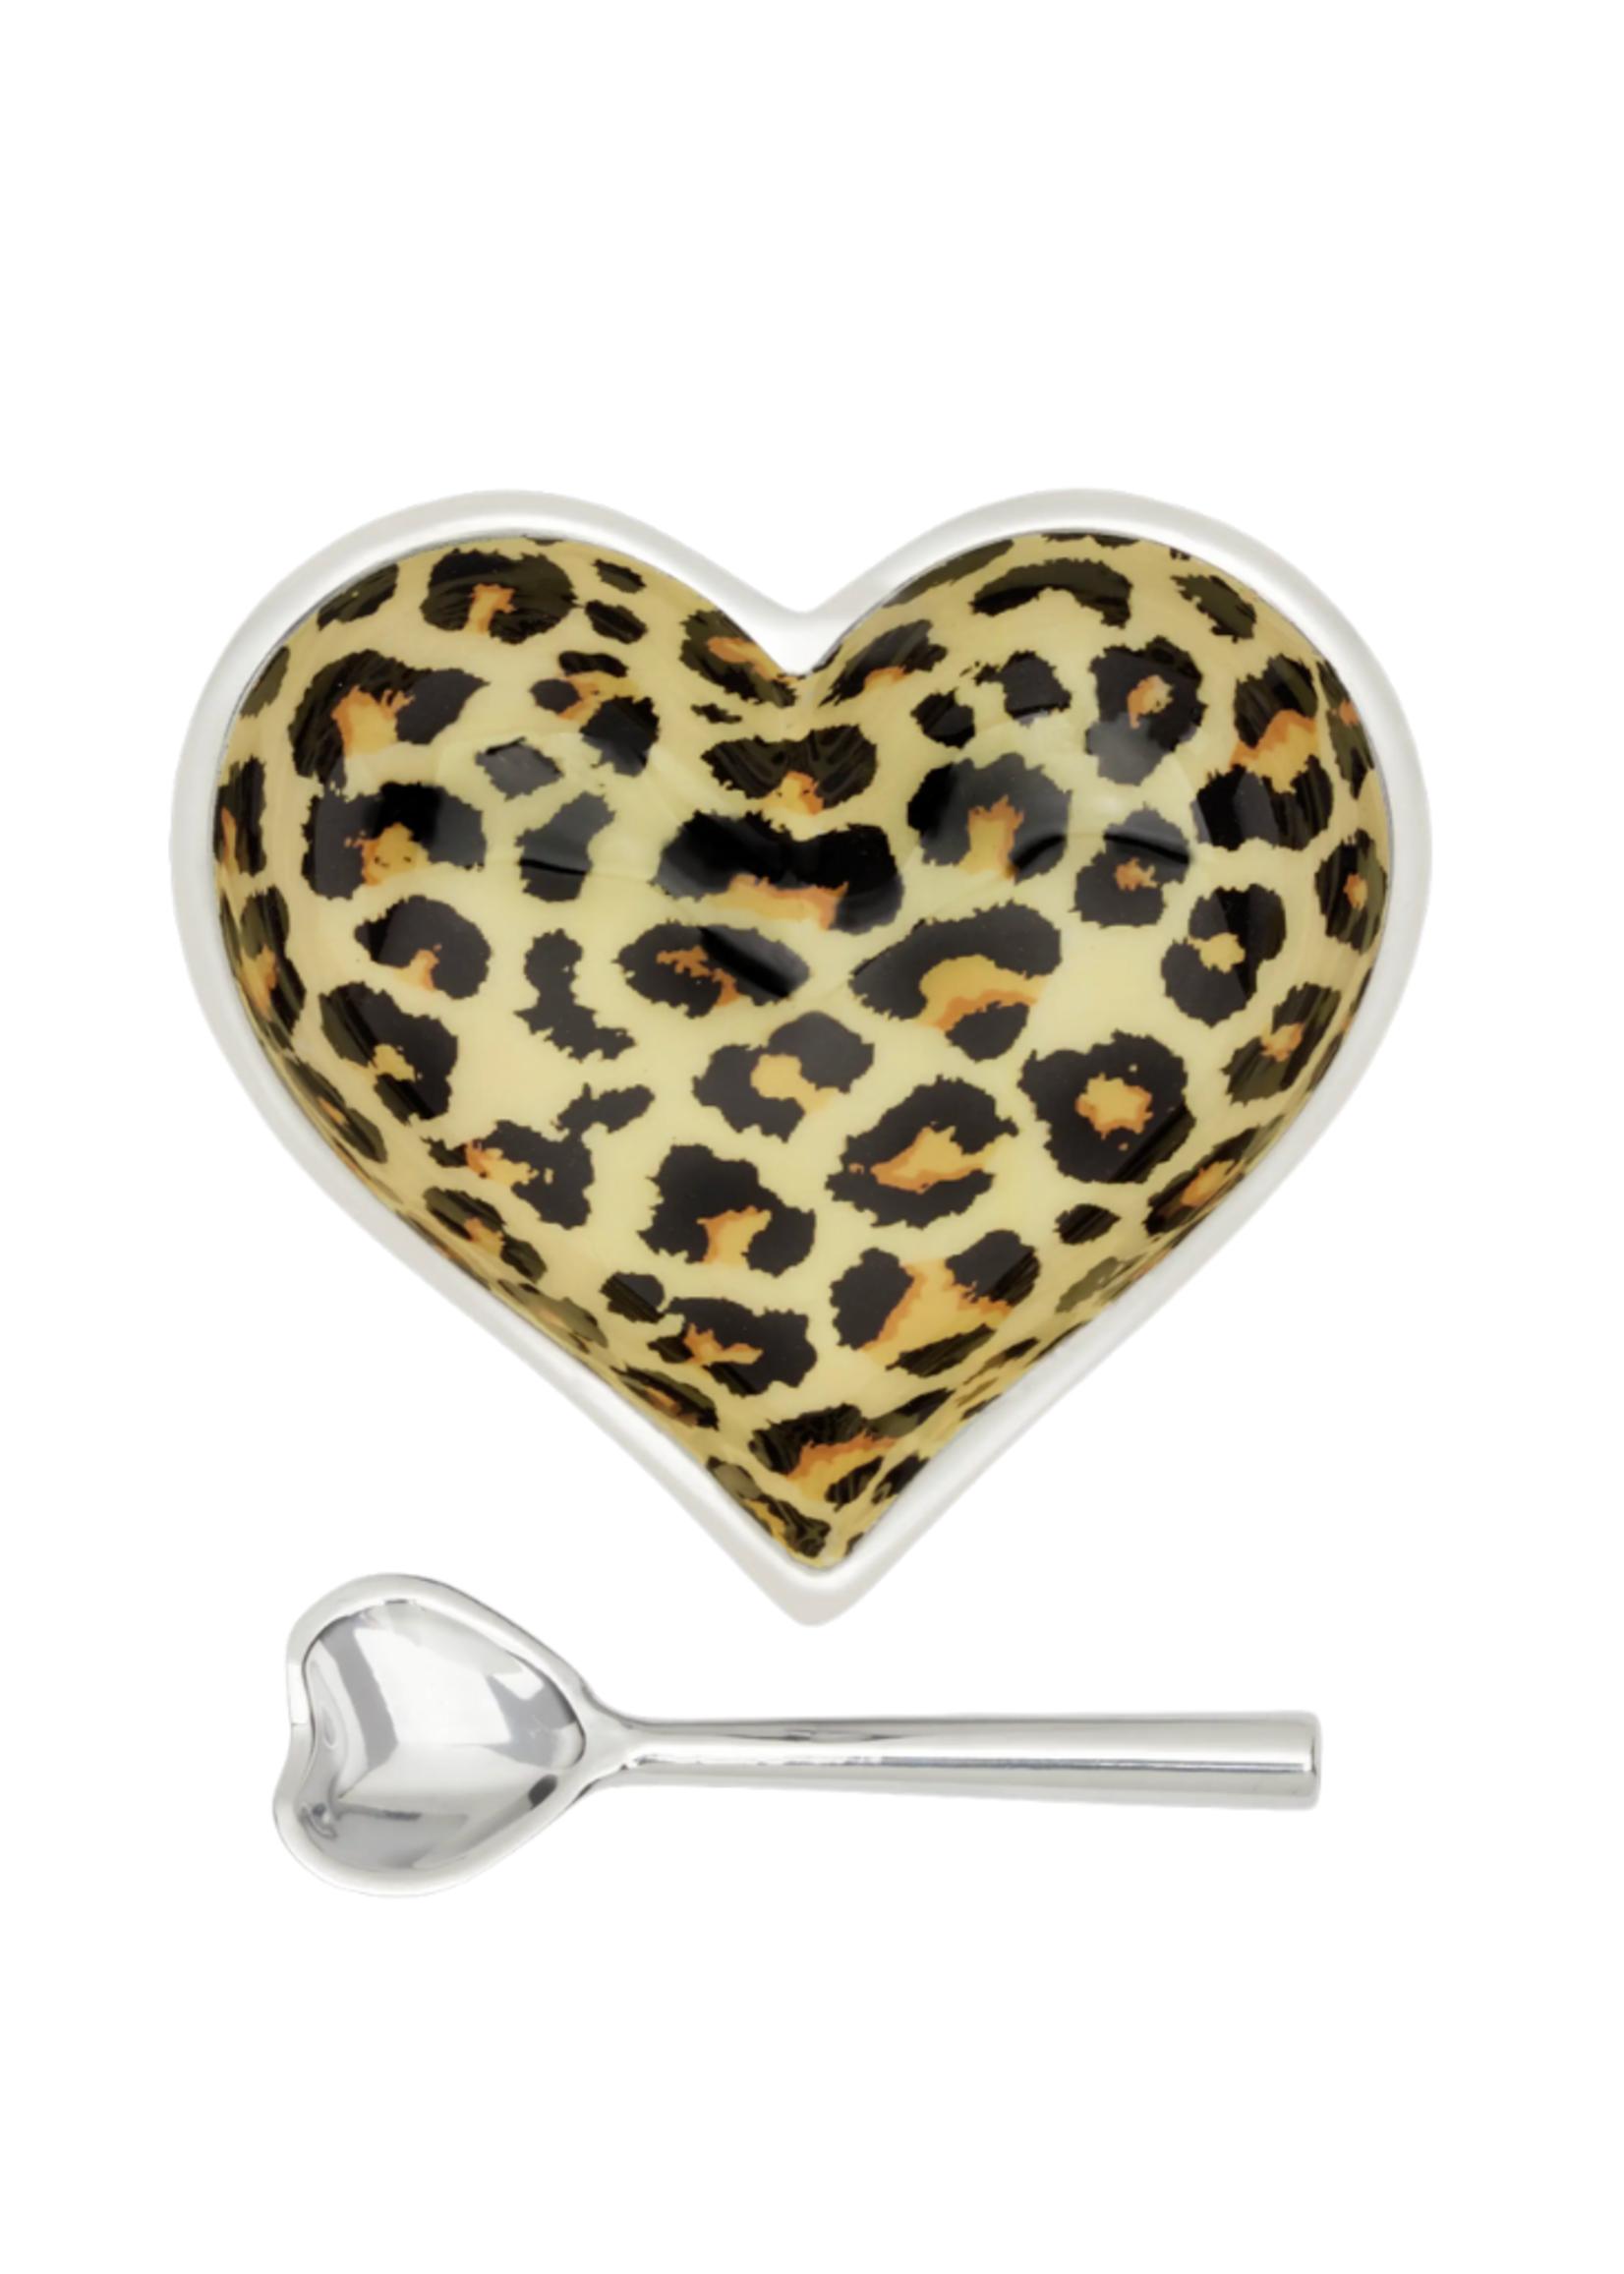 Happy Heart Bowl w Spoon // Jaguar